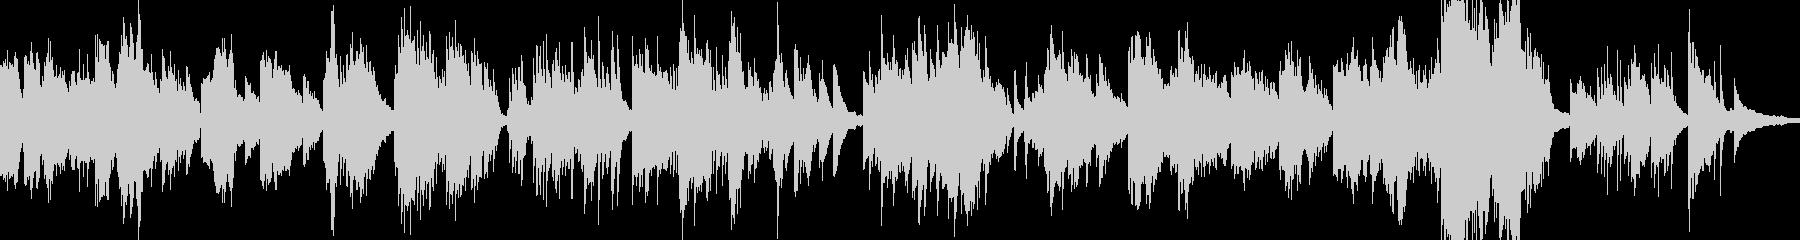 ピアノ。アルペジオ、メロディック。の未再生の波形